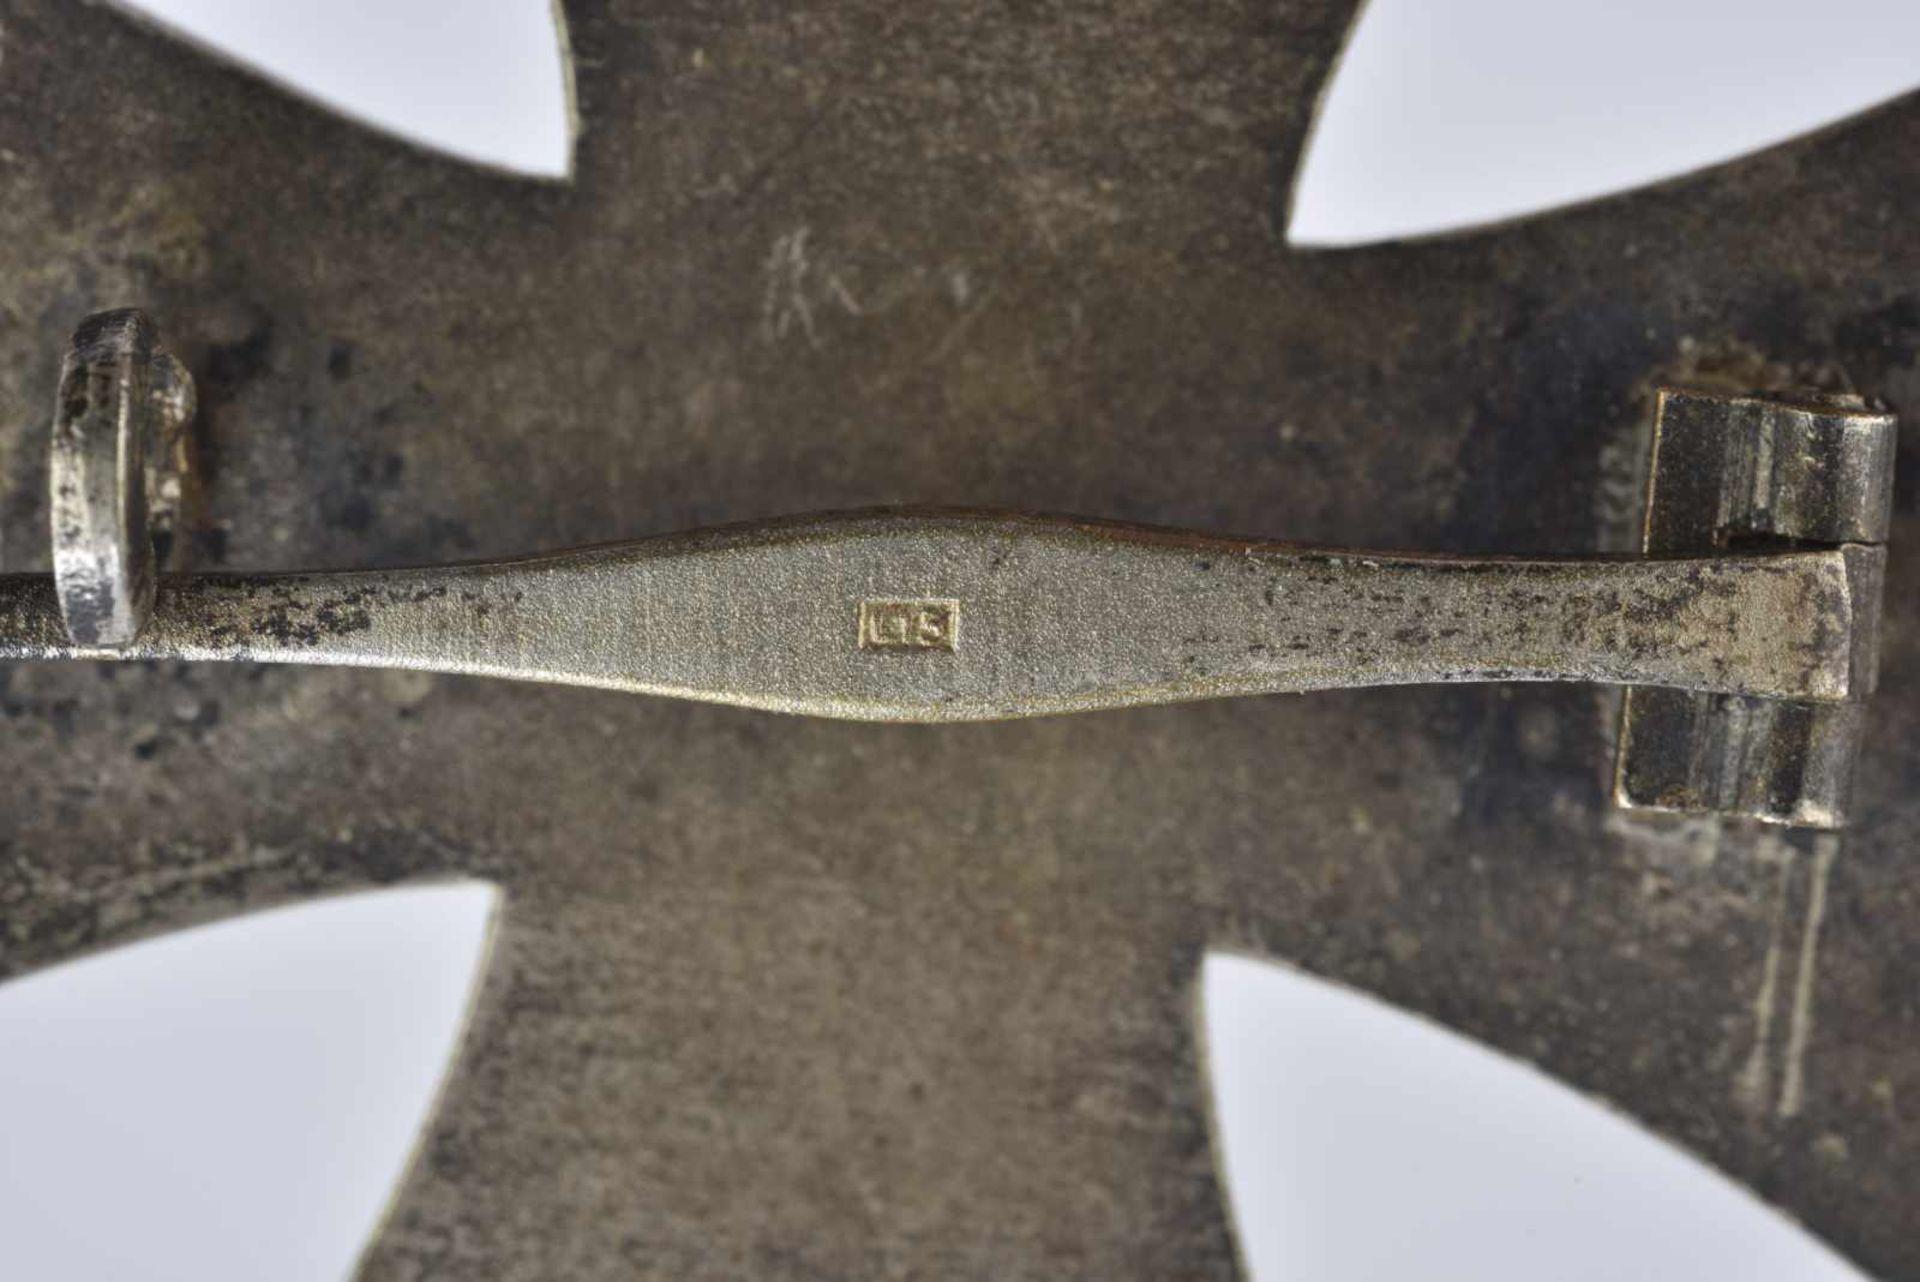 Croix de fer de première classe. Fabrication en trois parties, système de fixation complet. Marquage - Bild 2 aus 3